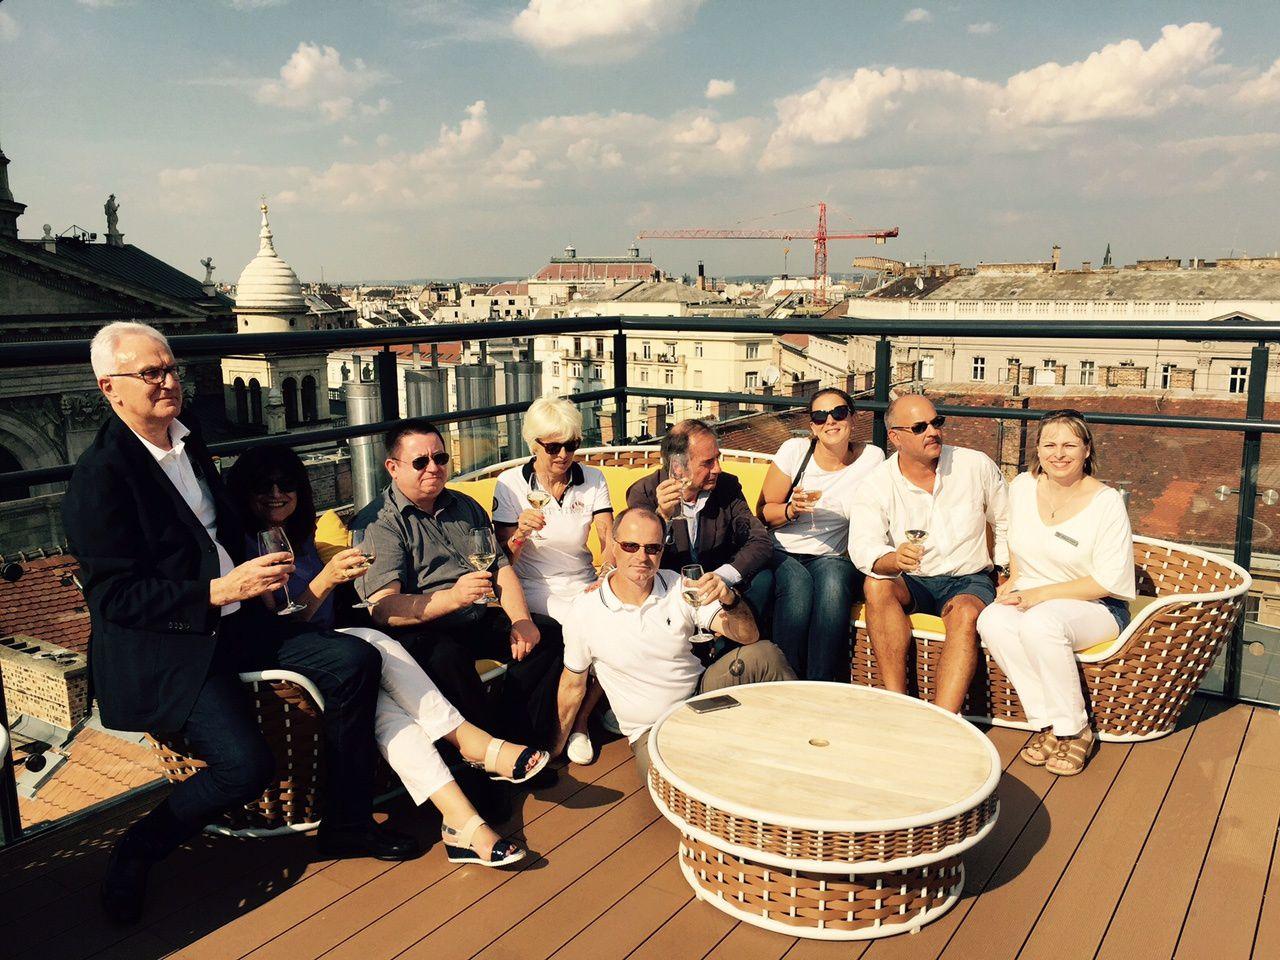 Les voyages en Europe de JJP Event ! Le Luxe à la Française exportée !